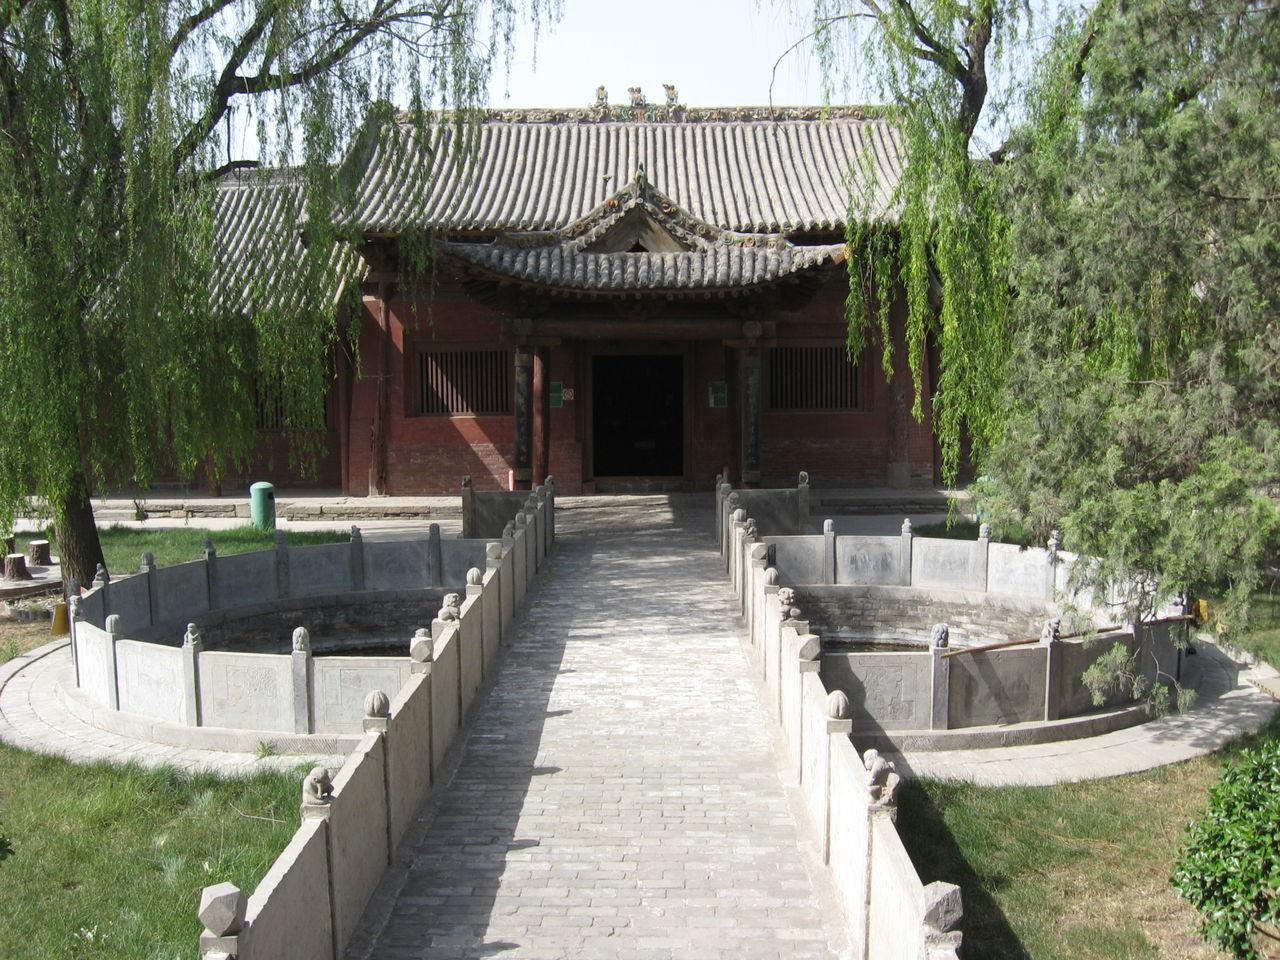 稷山县稷王庙与稷王文化 - 杨毅 - 尚义轩杨毅剪纸